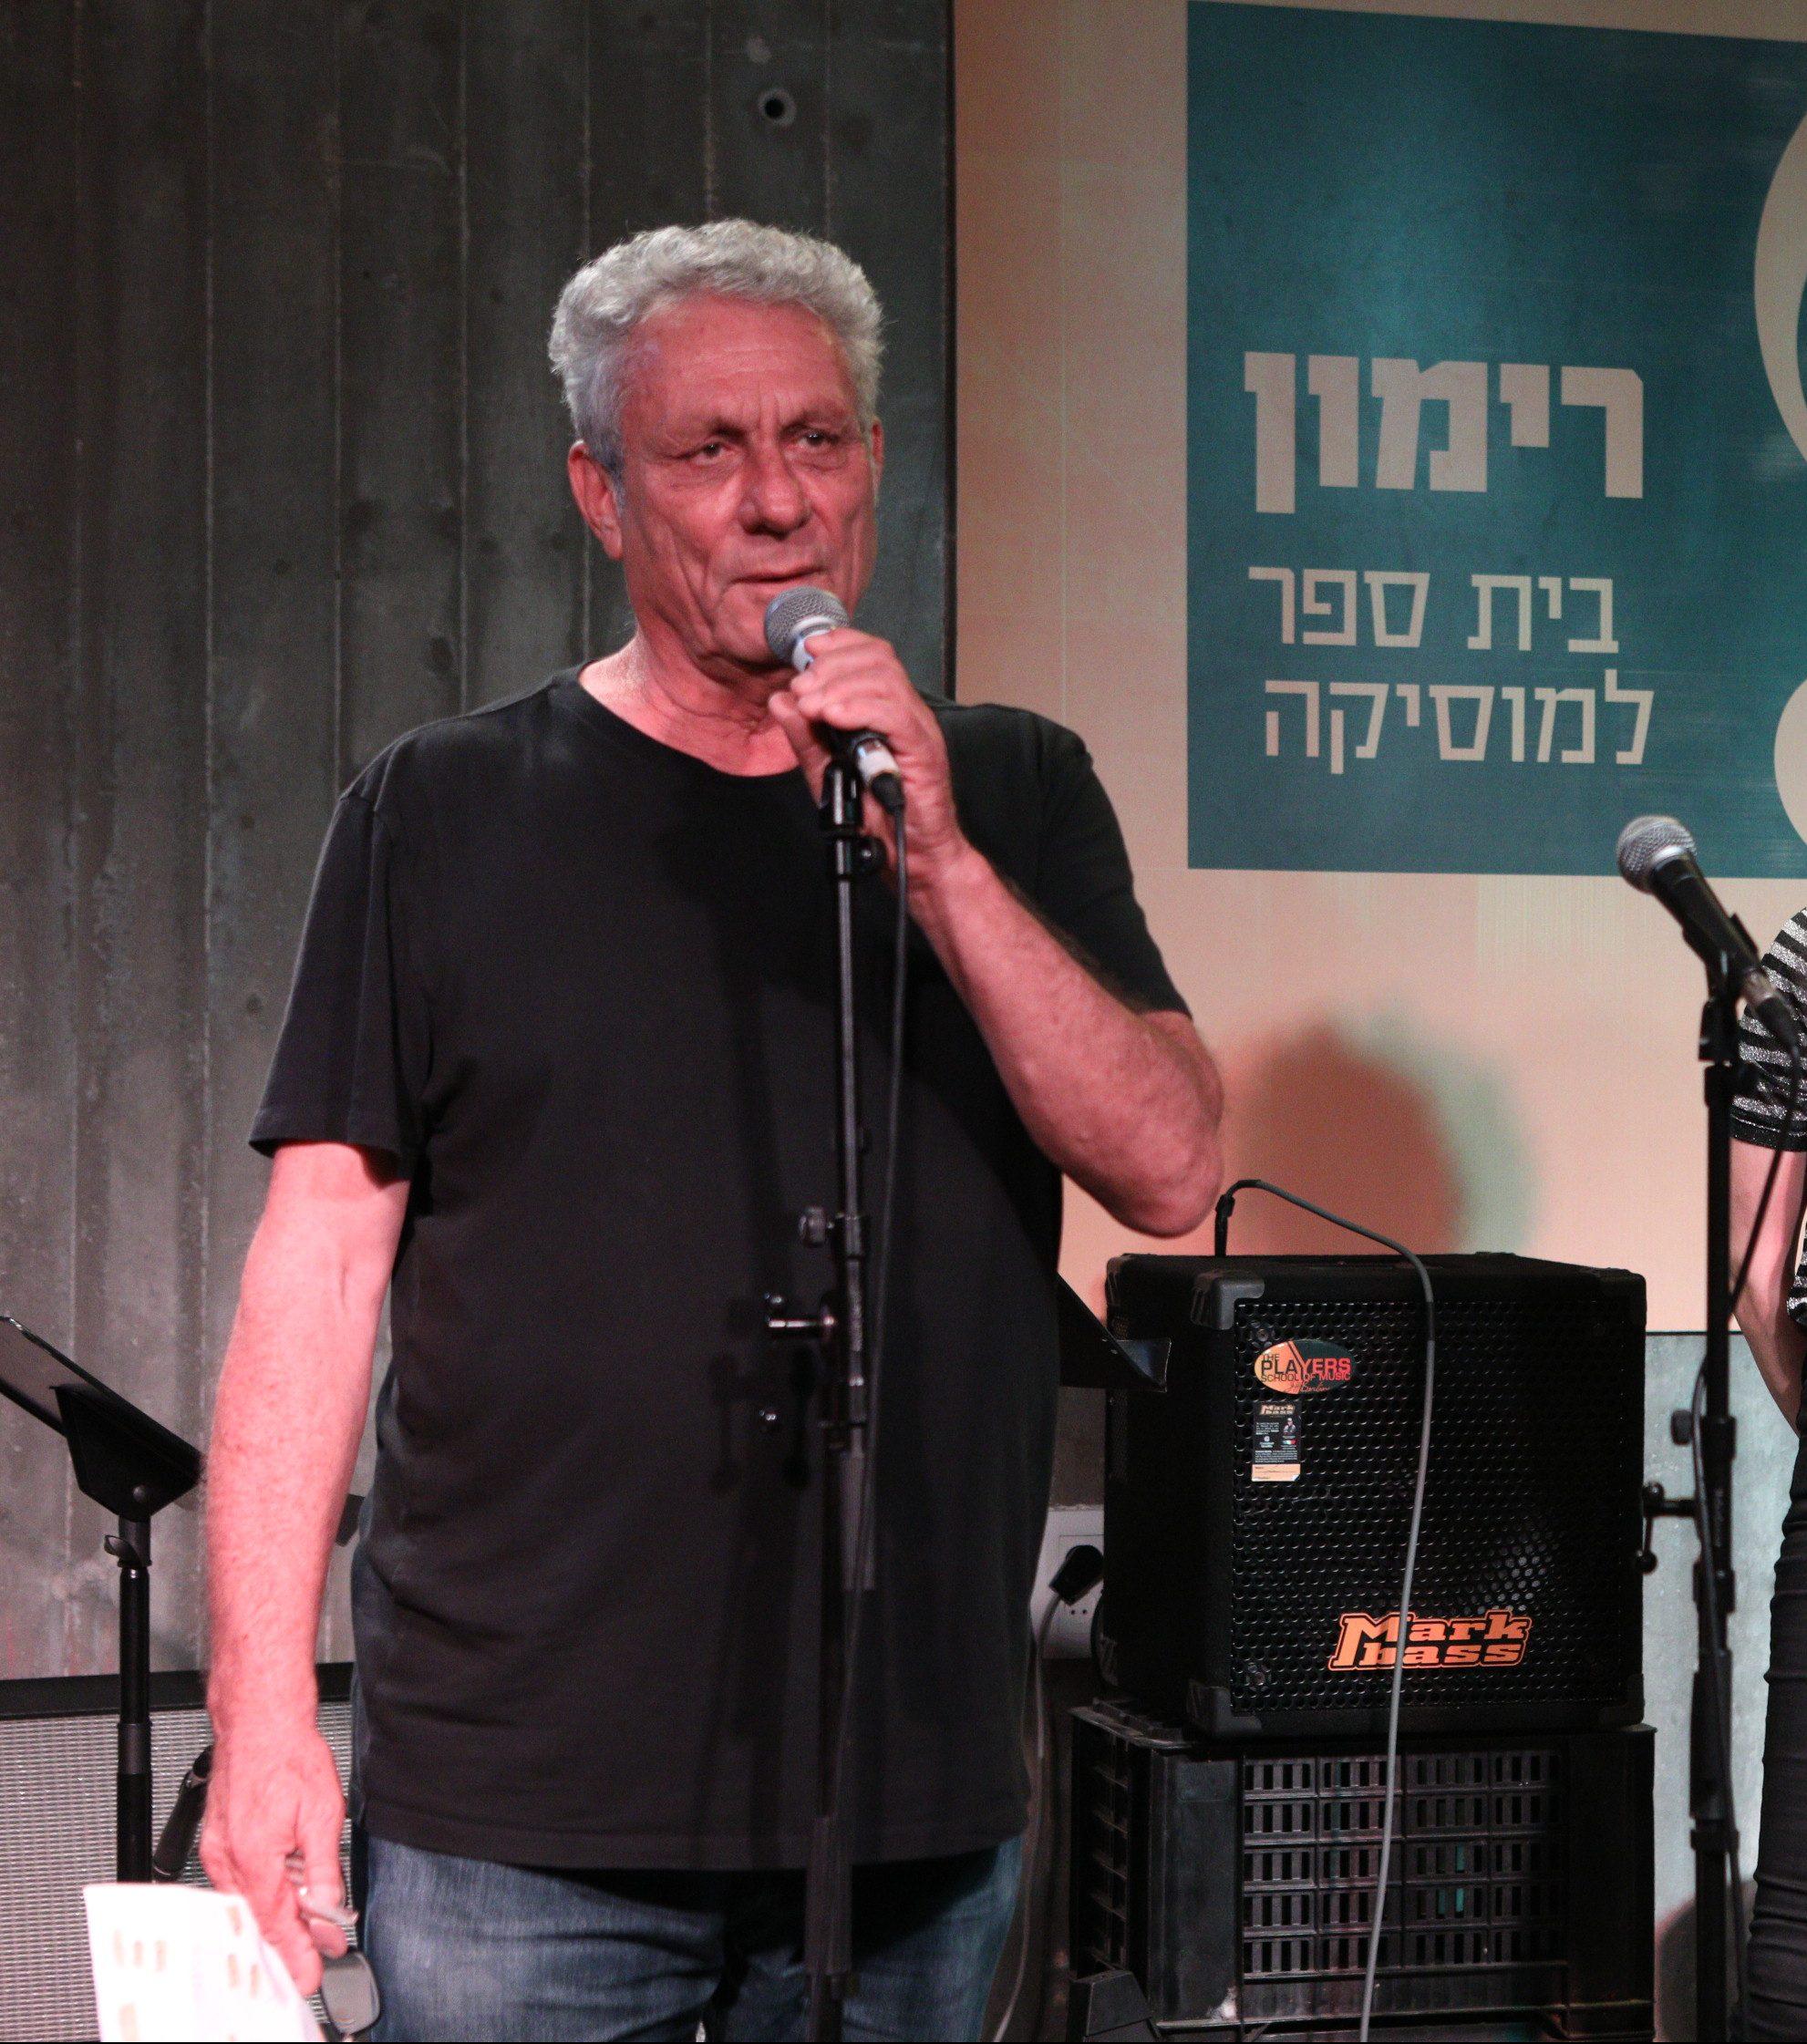 יהודה עדר, נשיא רימון וראש מסלול כתיבה והלחנת שירים